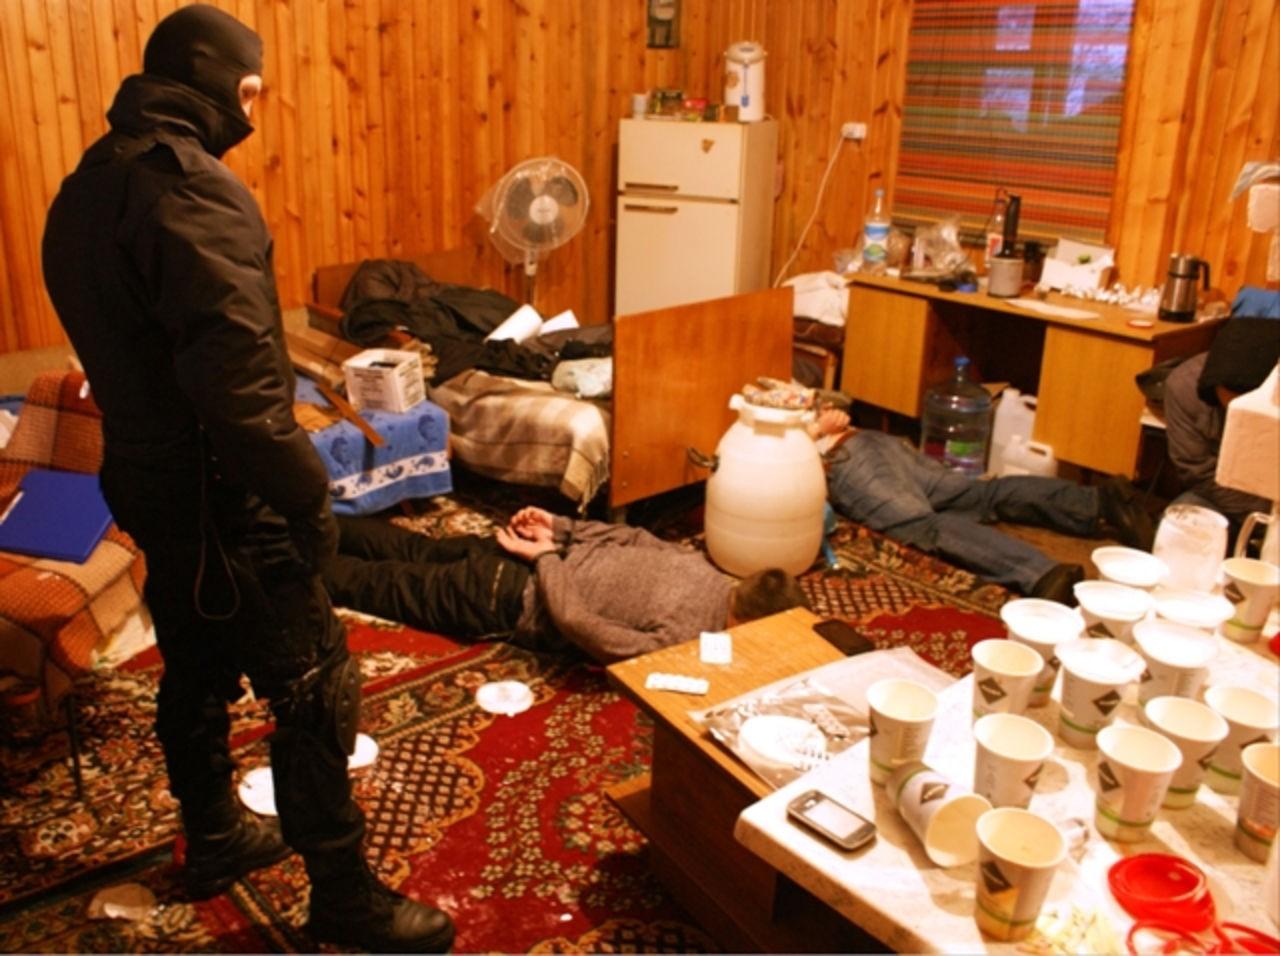 ФСБ ликвидировала в новейшей столице России подпольную нарколабораторию